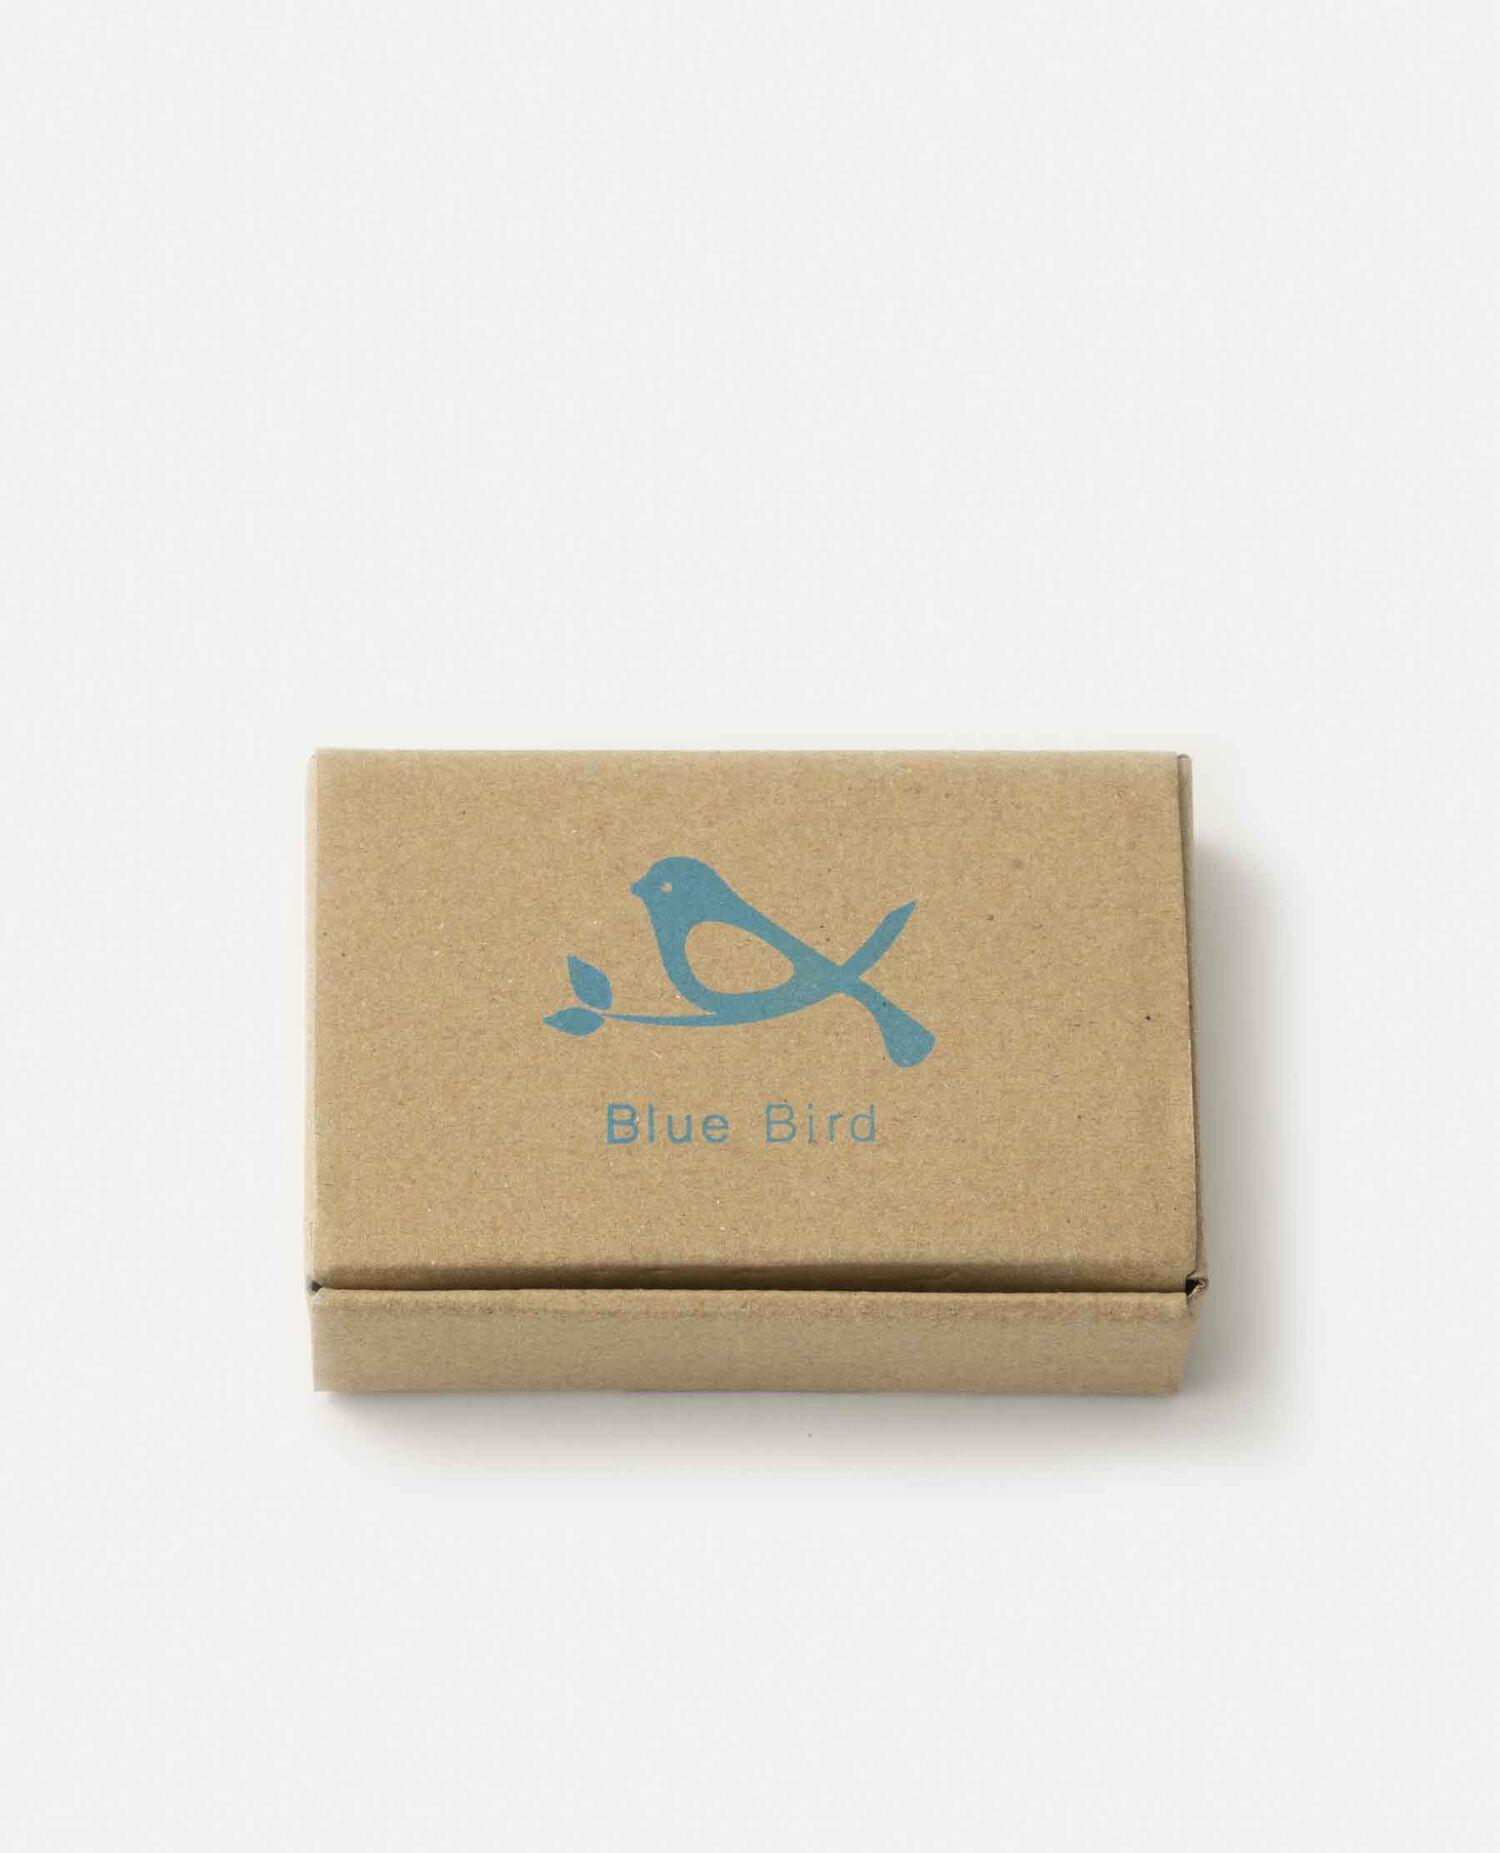 青い鳥のドアオープナー